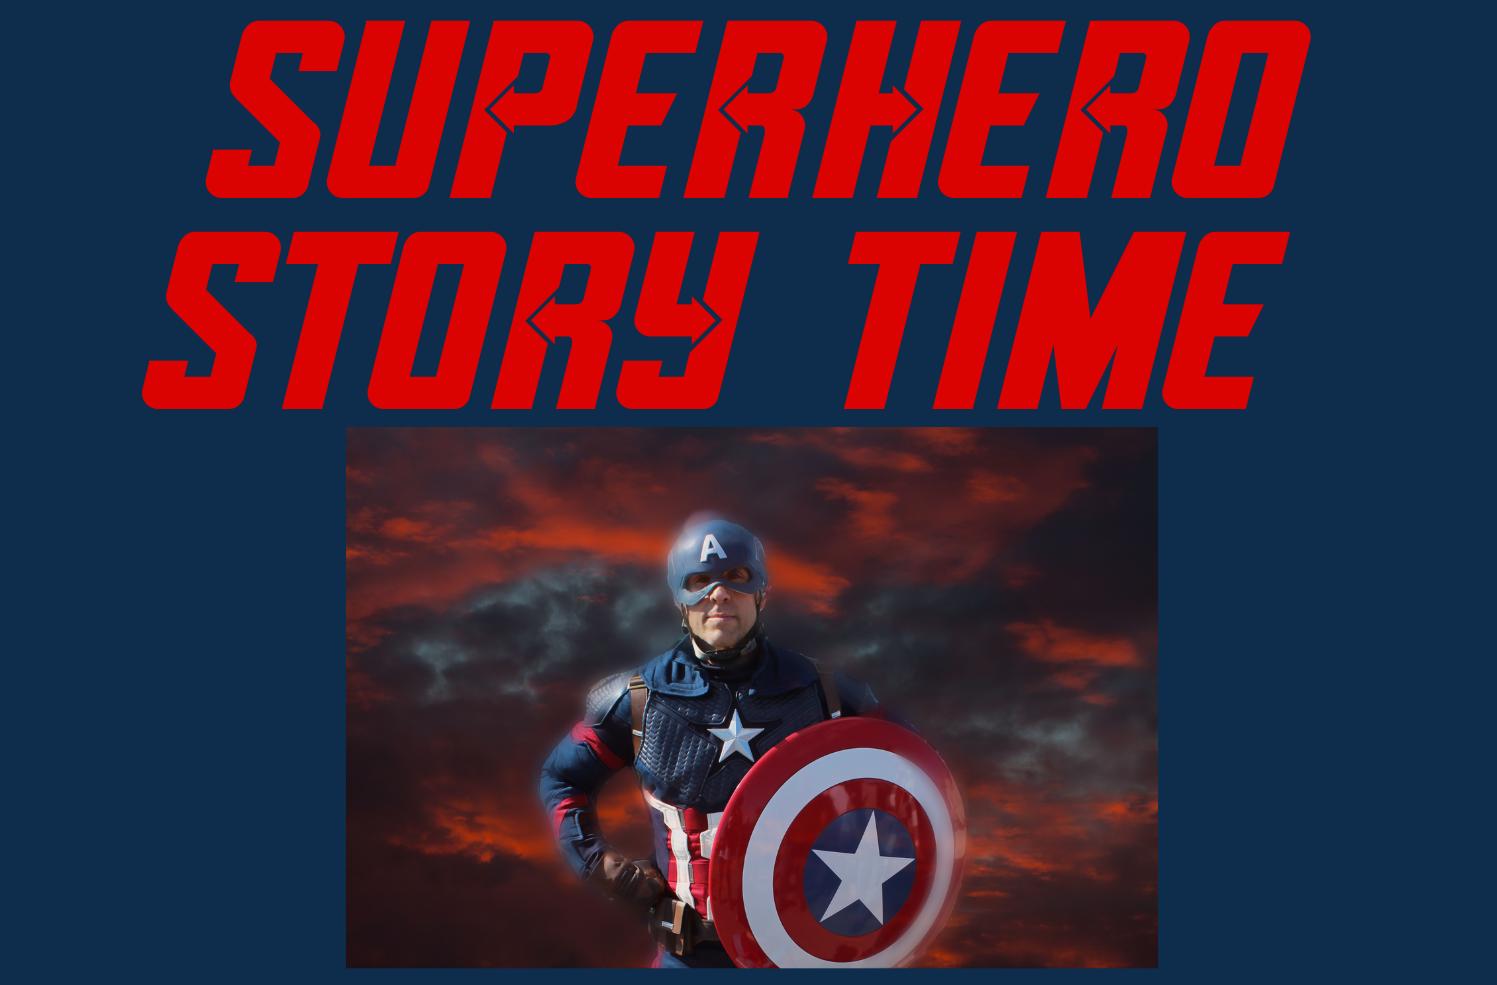 Superhero Story Time!